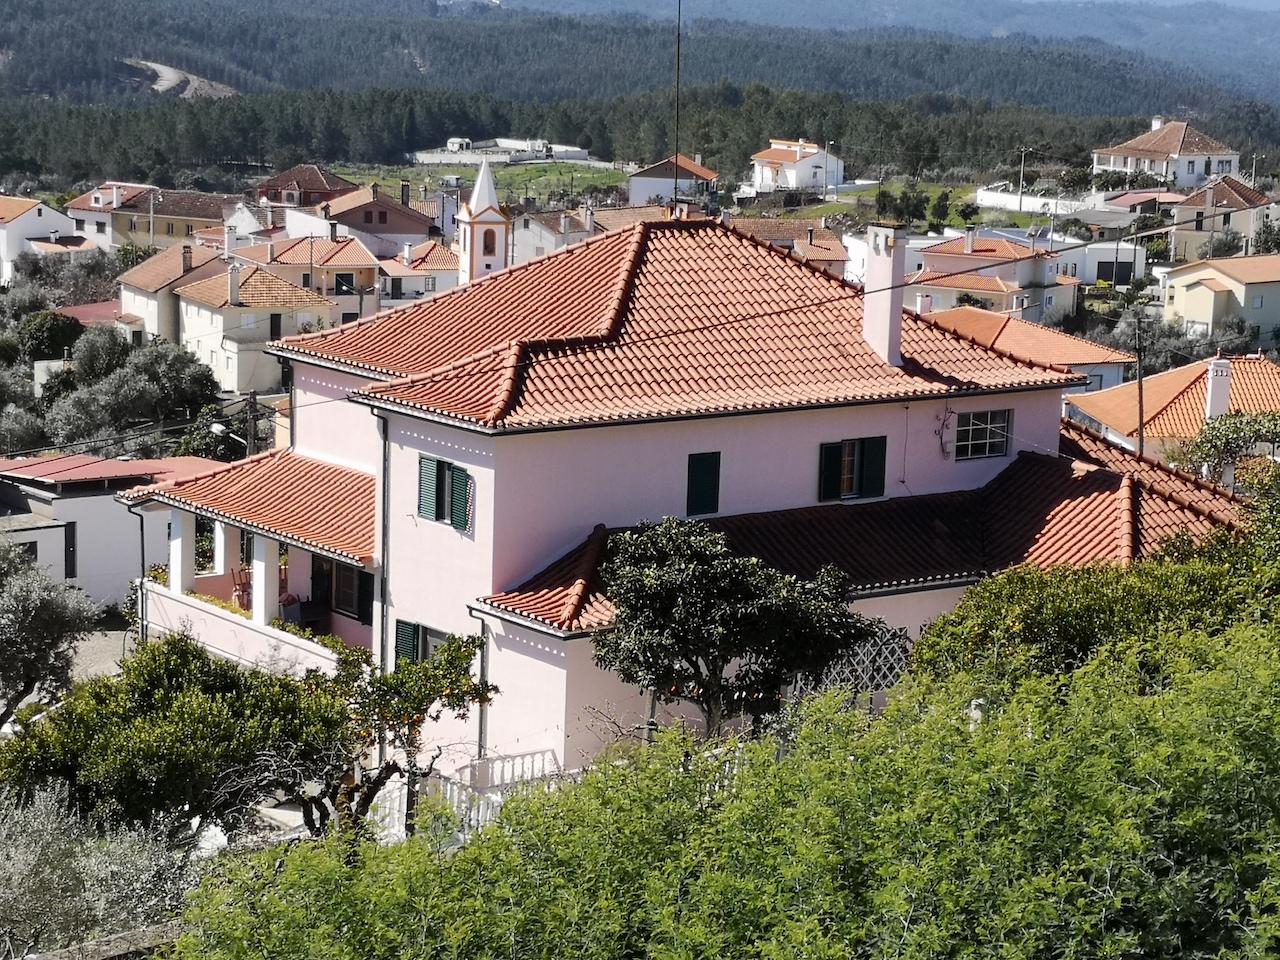 Séminaire s'installer au Portugal